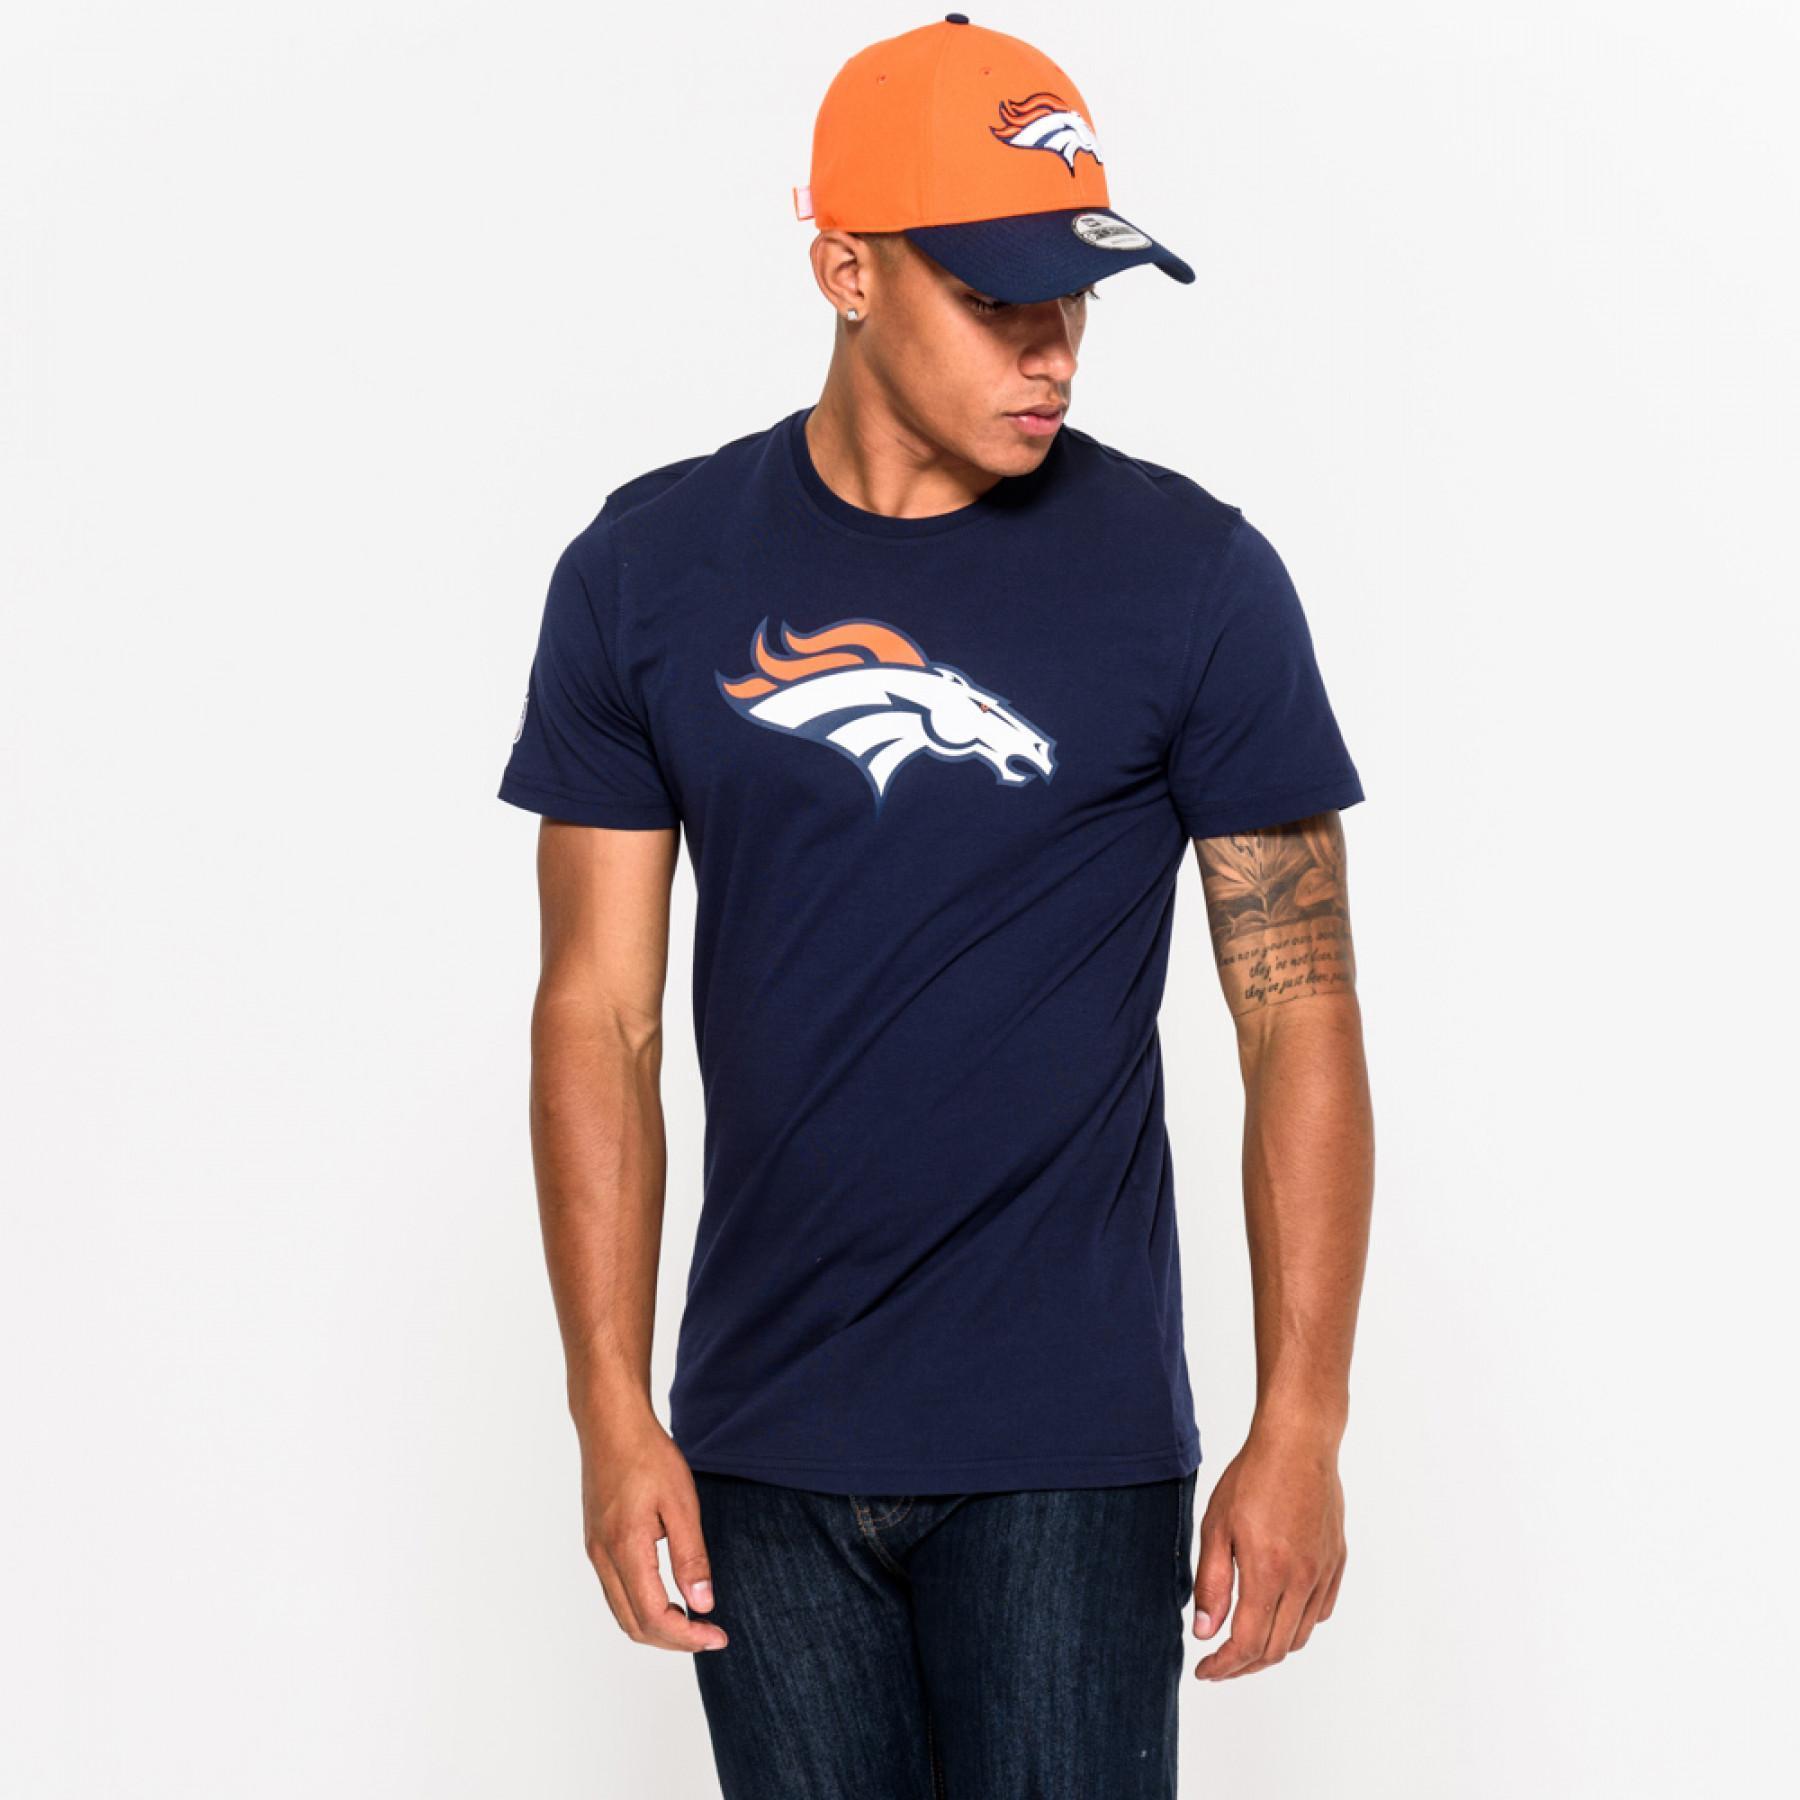 New EraT - s h i r t   logo Denver Broncos